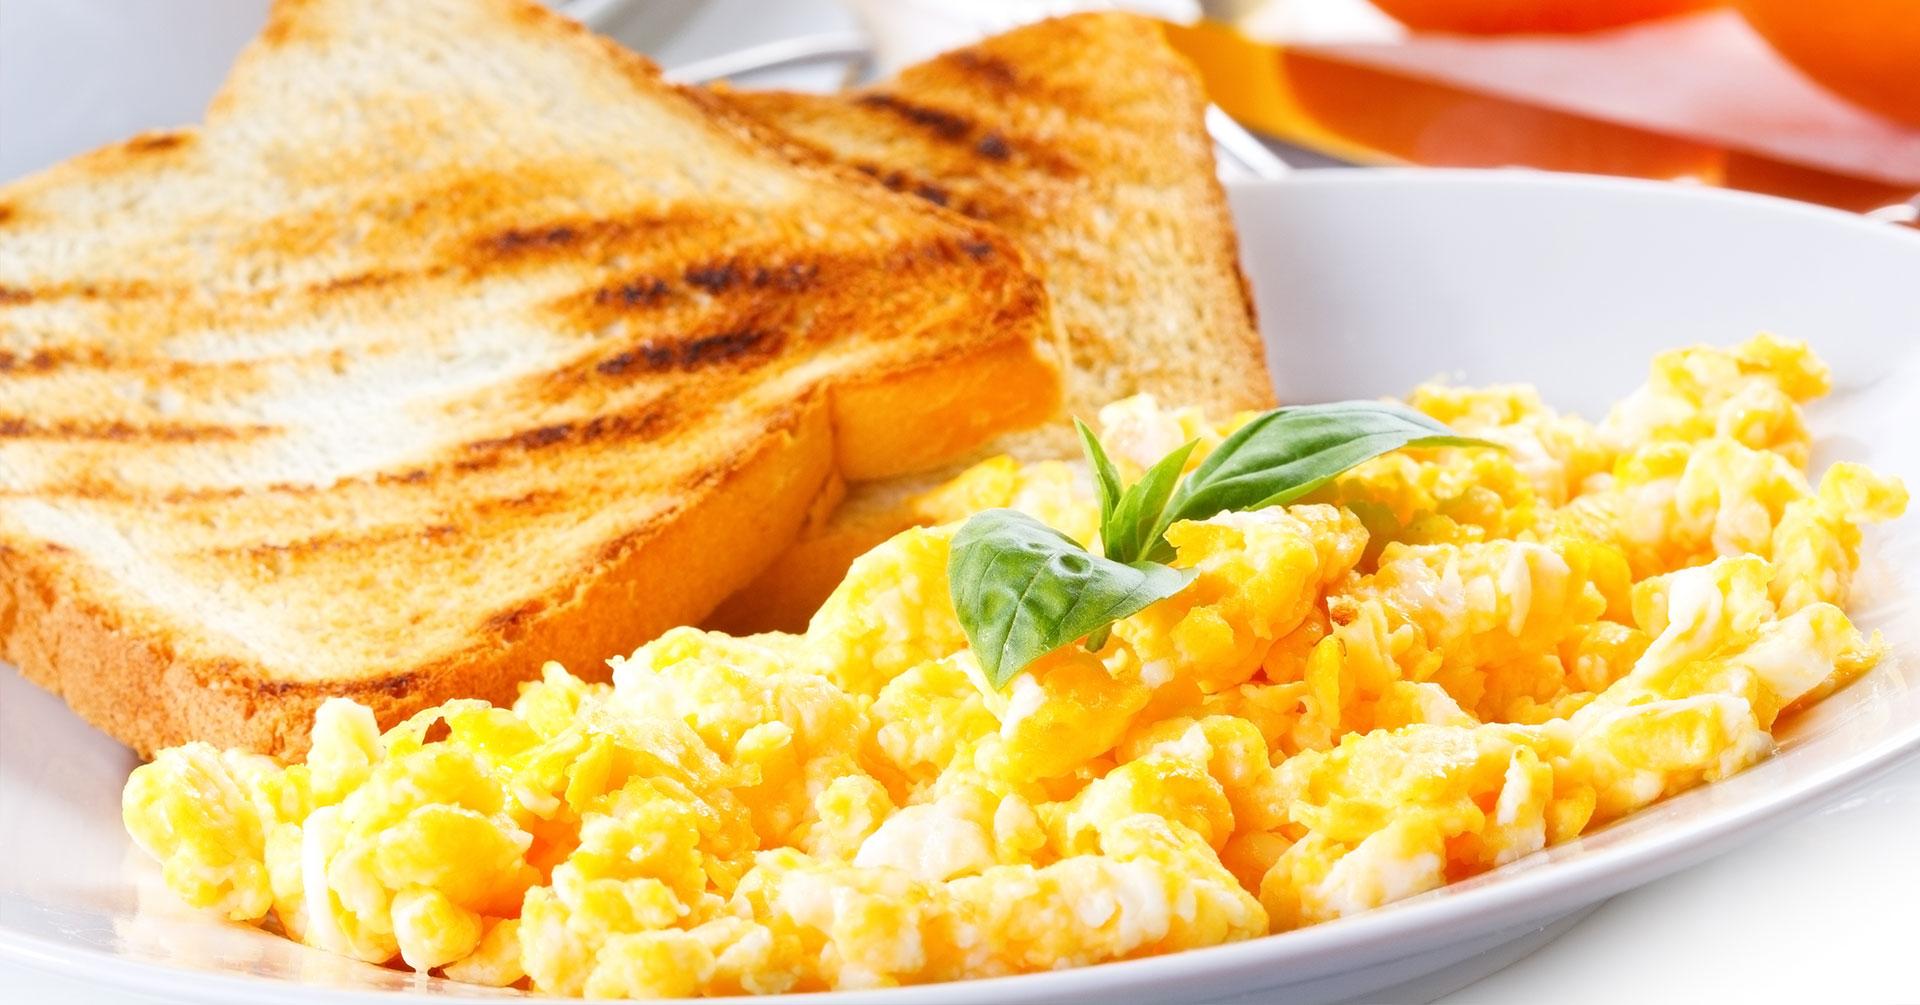 Huevos revueltos con avena